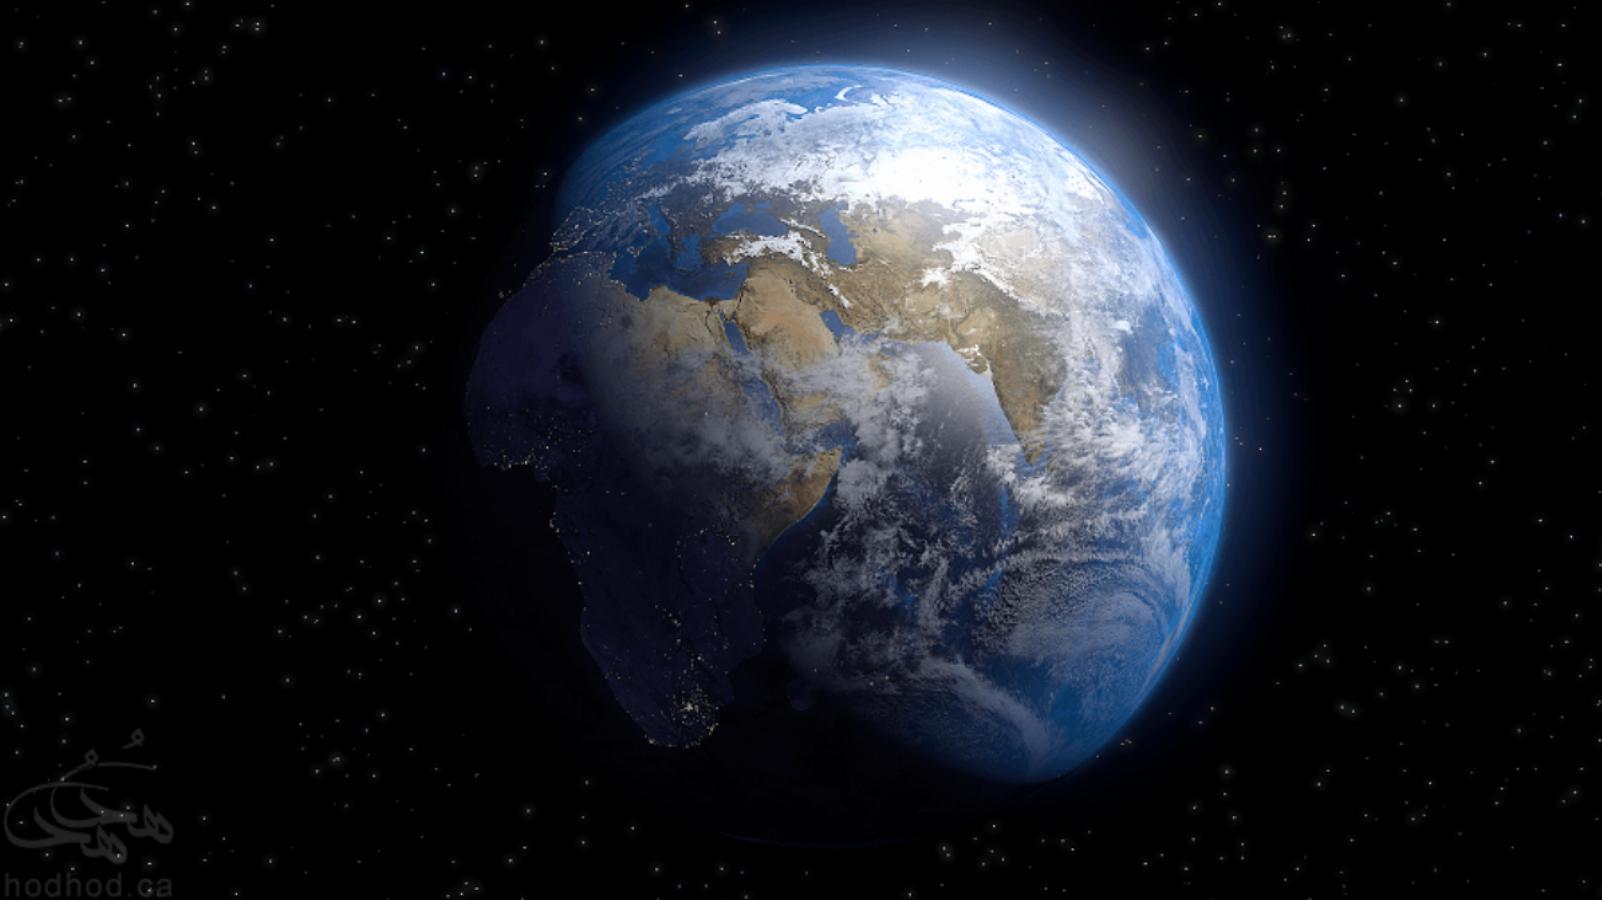 توسعه پایدار: اهداف جهانی توسعه پایدار